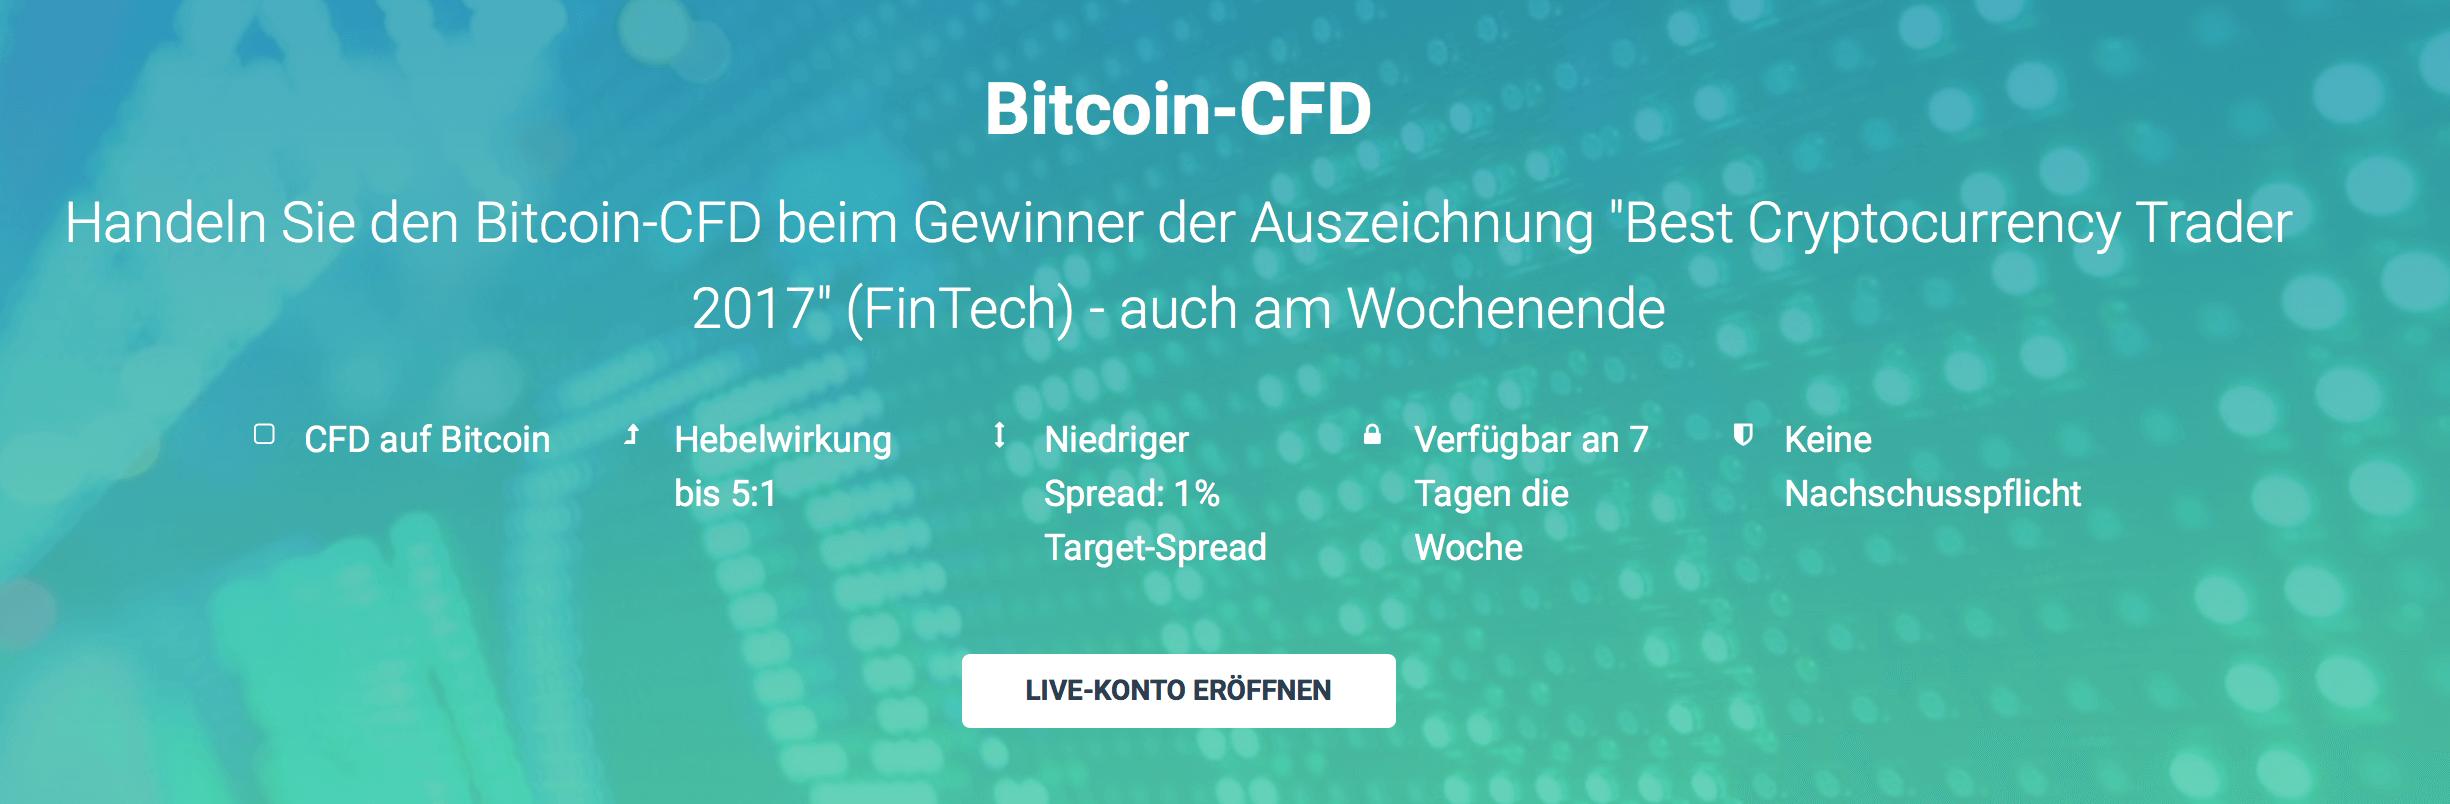 Bitcoin-CFD beim Broker XTB handeln